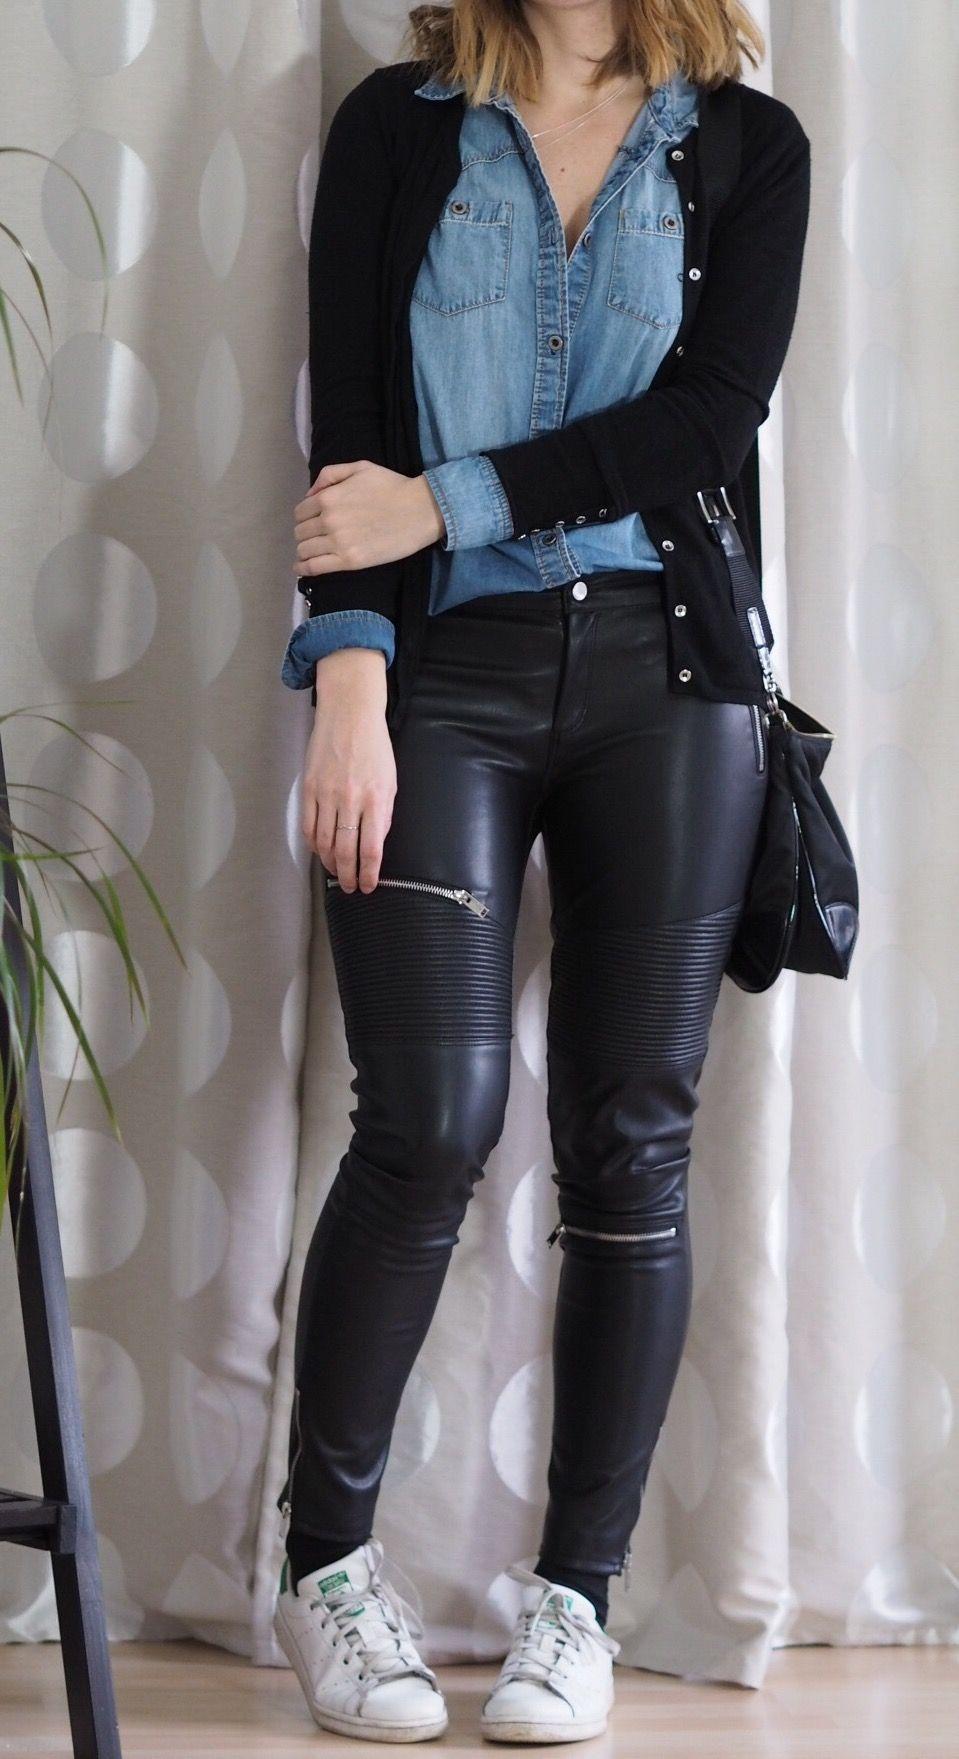 Fang Größe 7 gemütlich frisch 8.8 Leder und Jeans | STYLE / My Capsule Wardrobe | Outfit ...